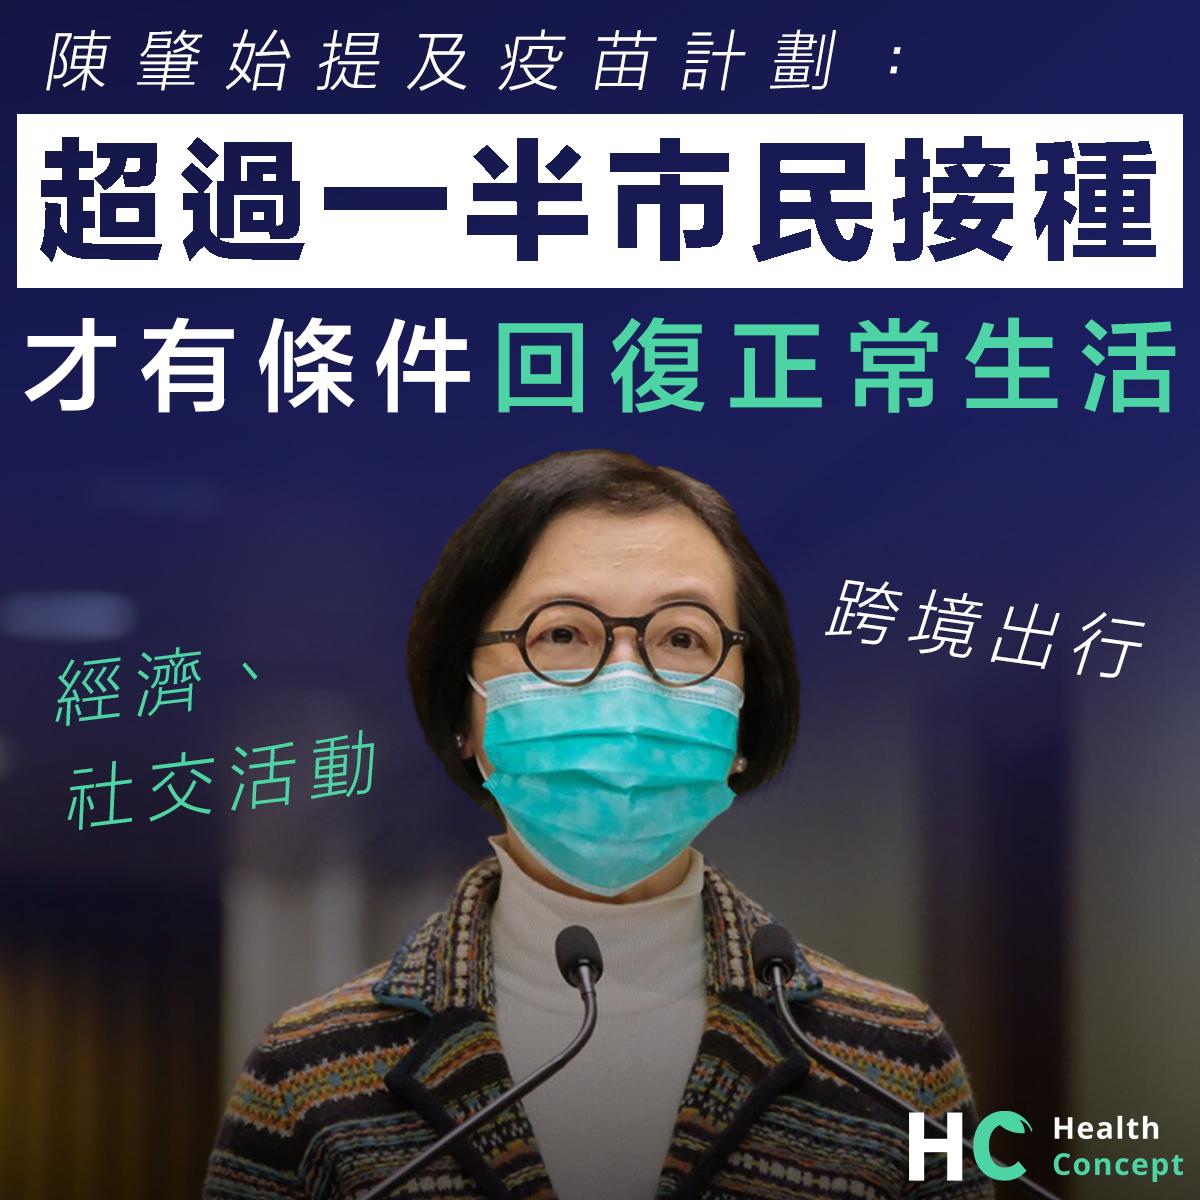 陳肇始盼市民珍惜機會 過半市民完成接種才可回復正常生活